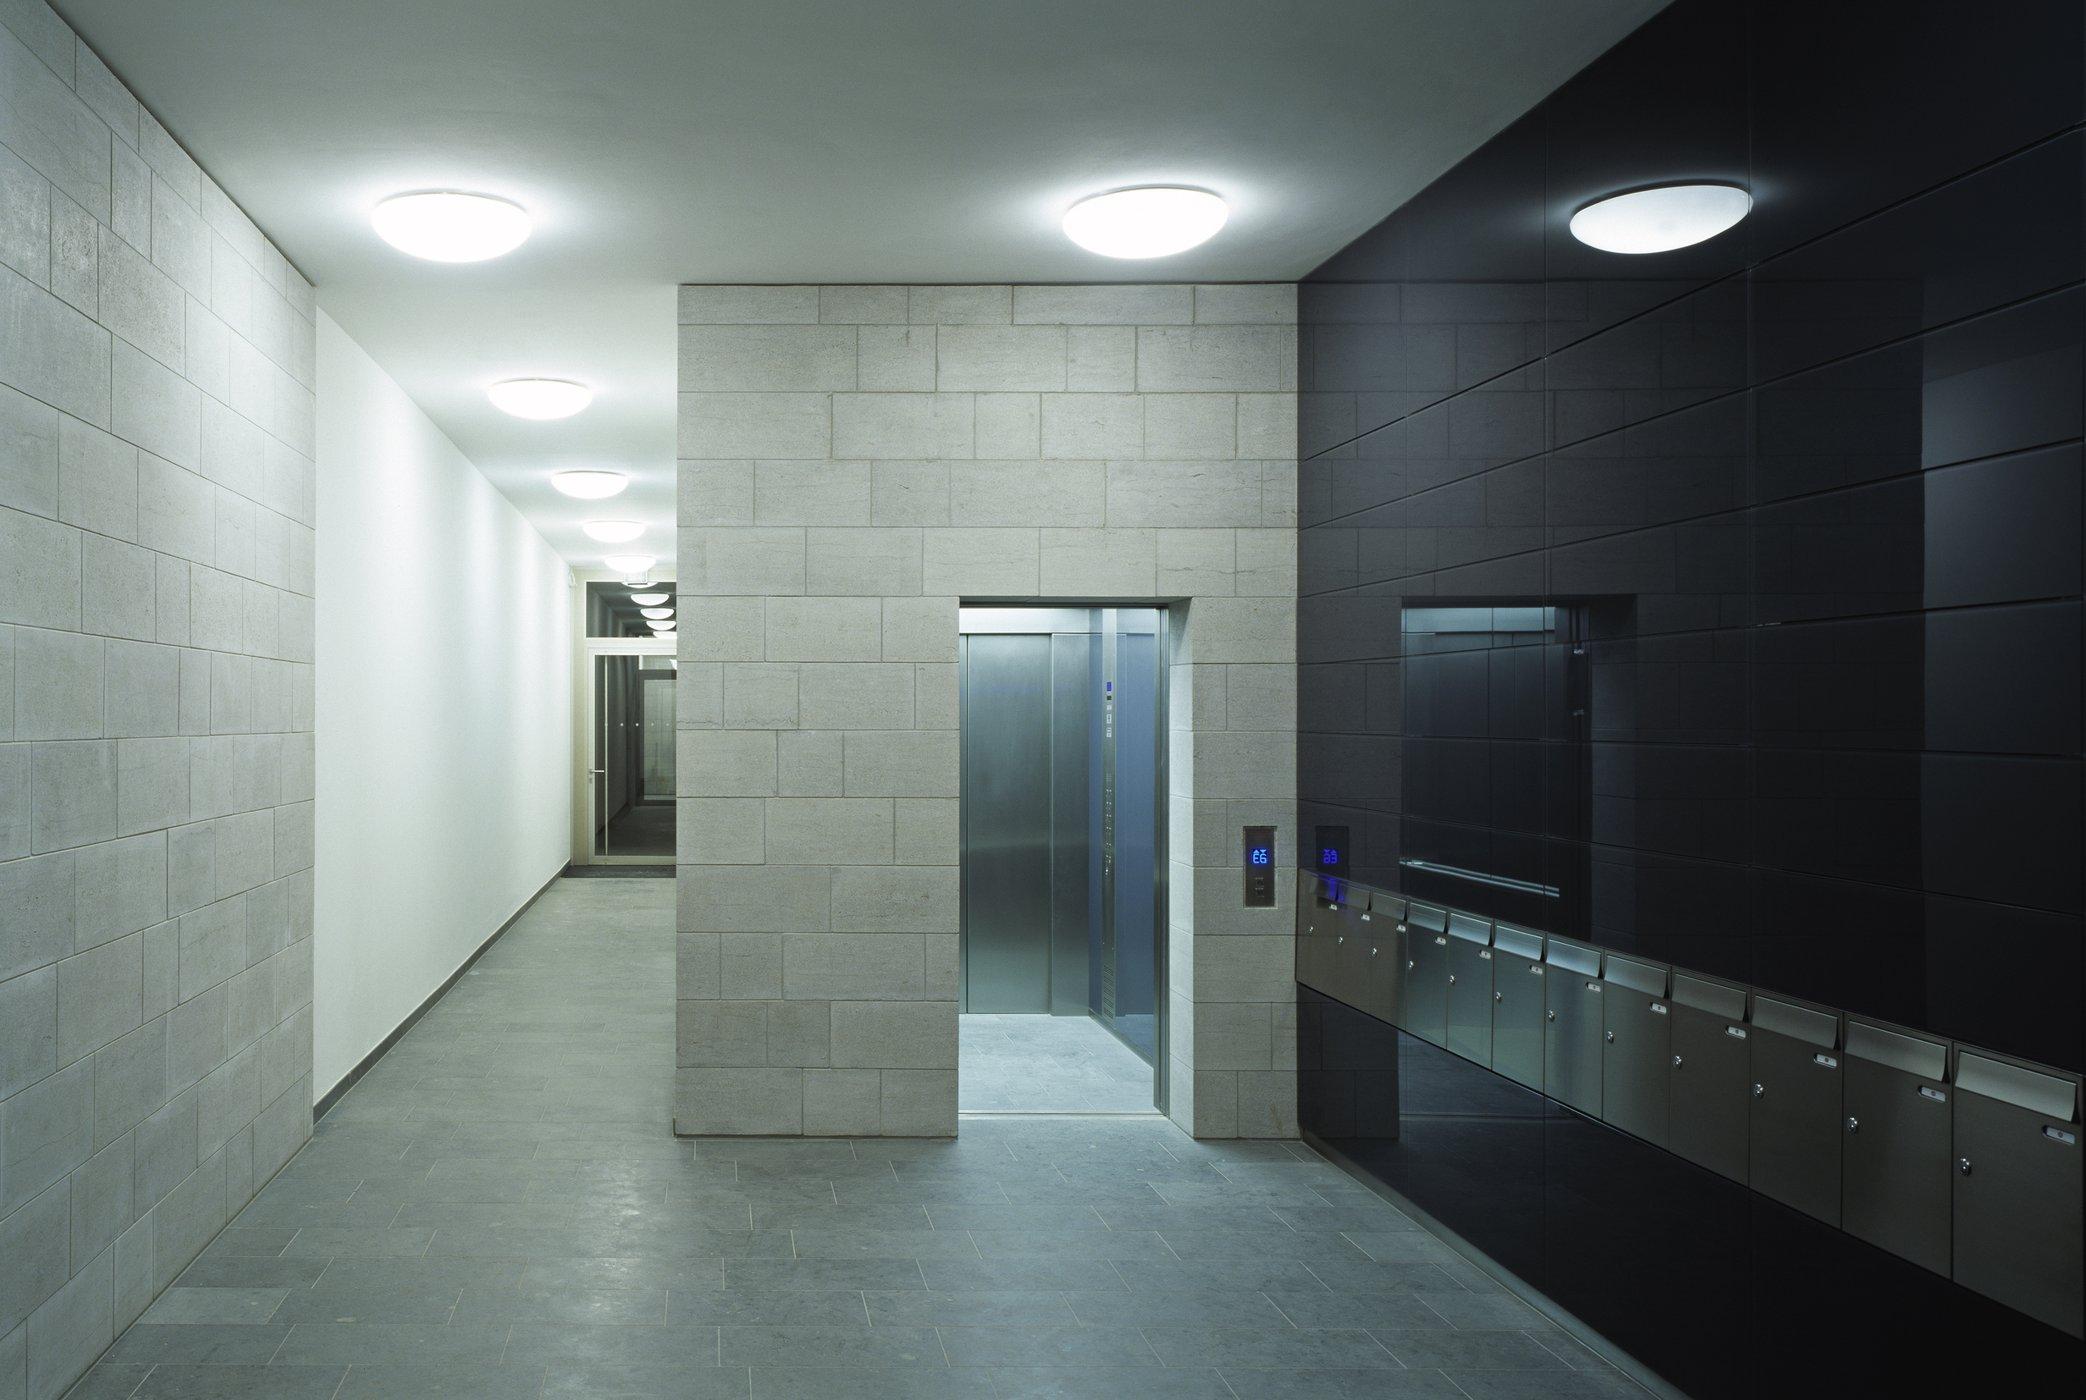 Foyer (@C.Gahl)